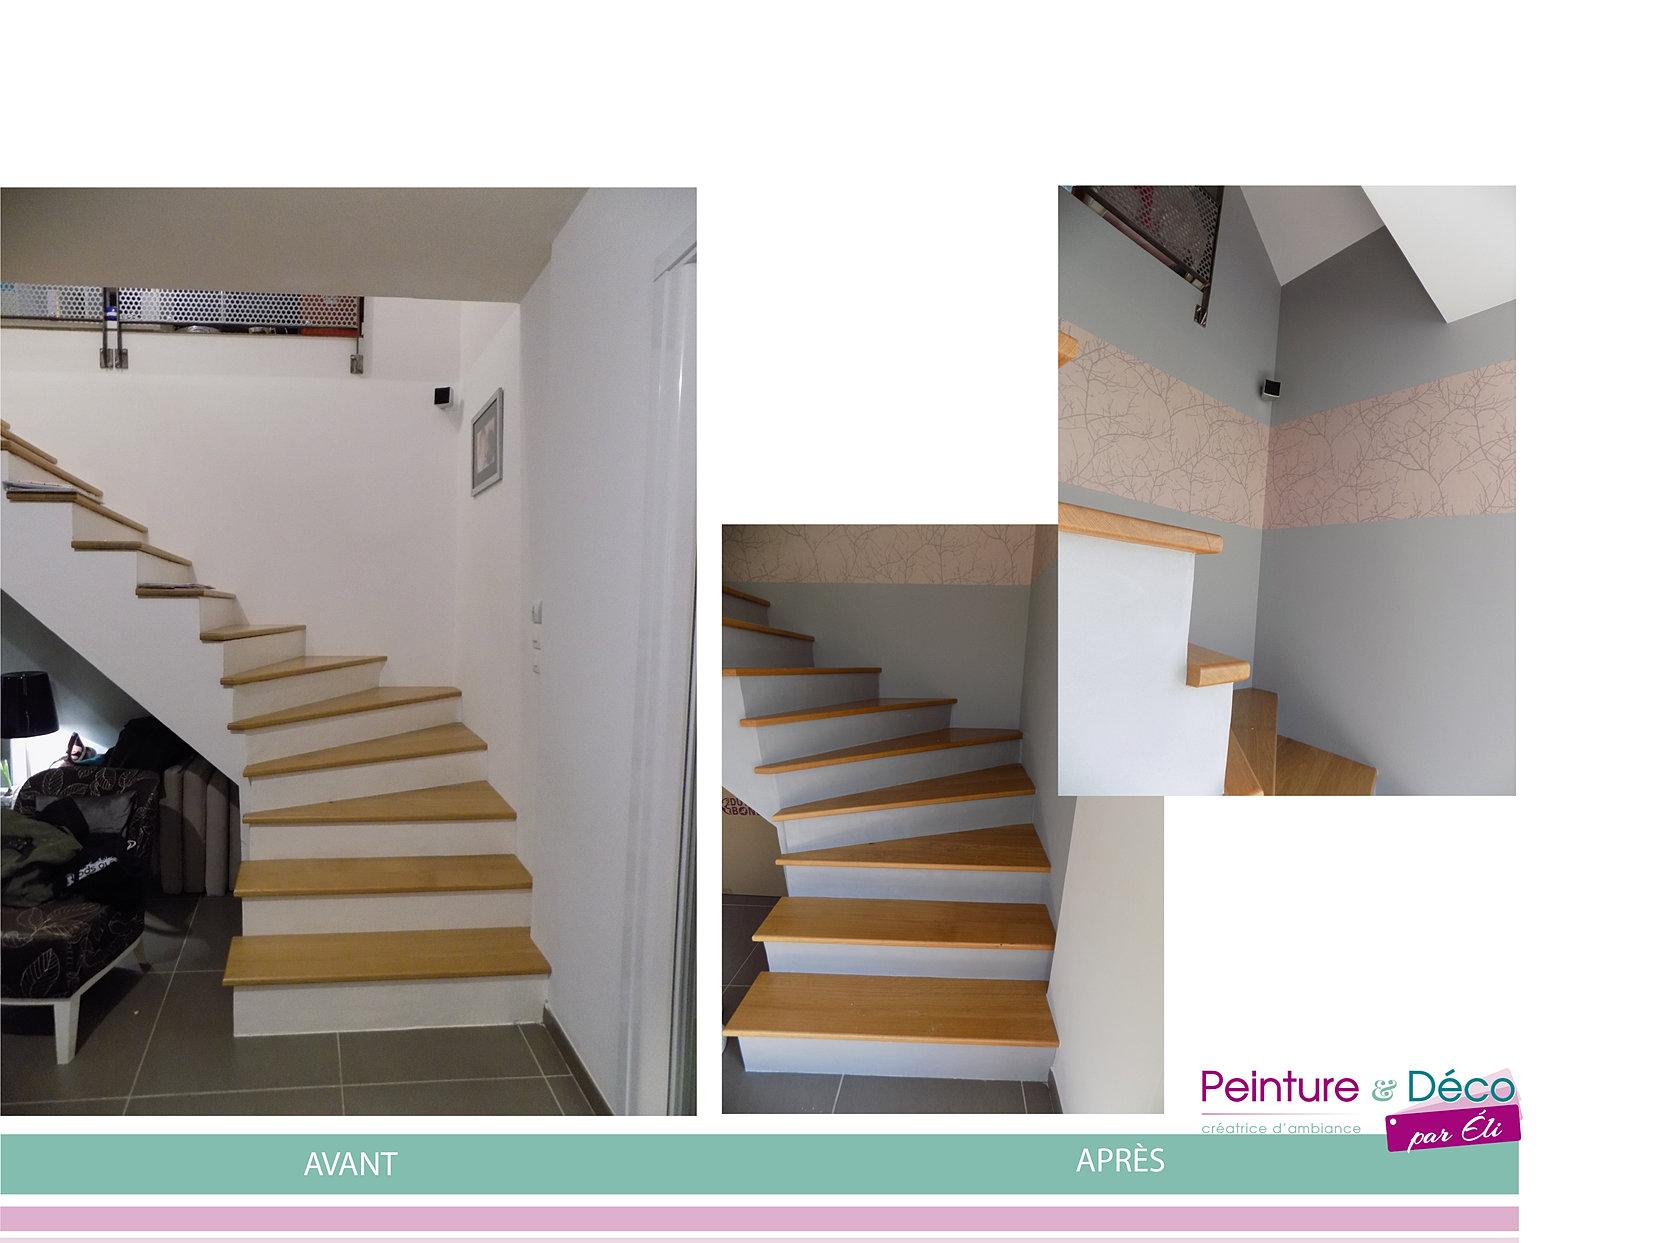 Préférence Cage-escalier | France | Peinture & Déco par Éli GH23